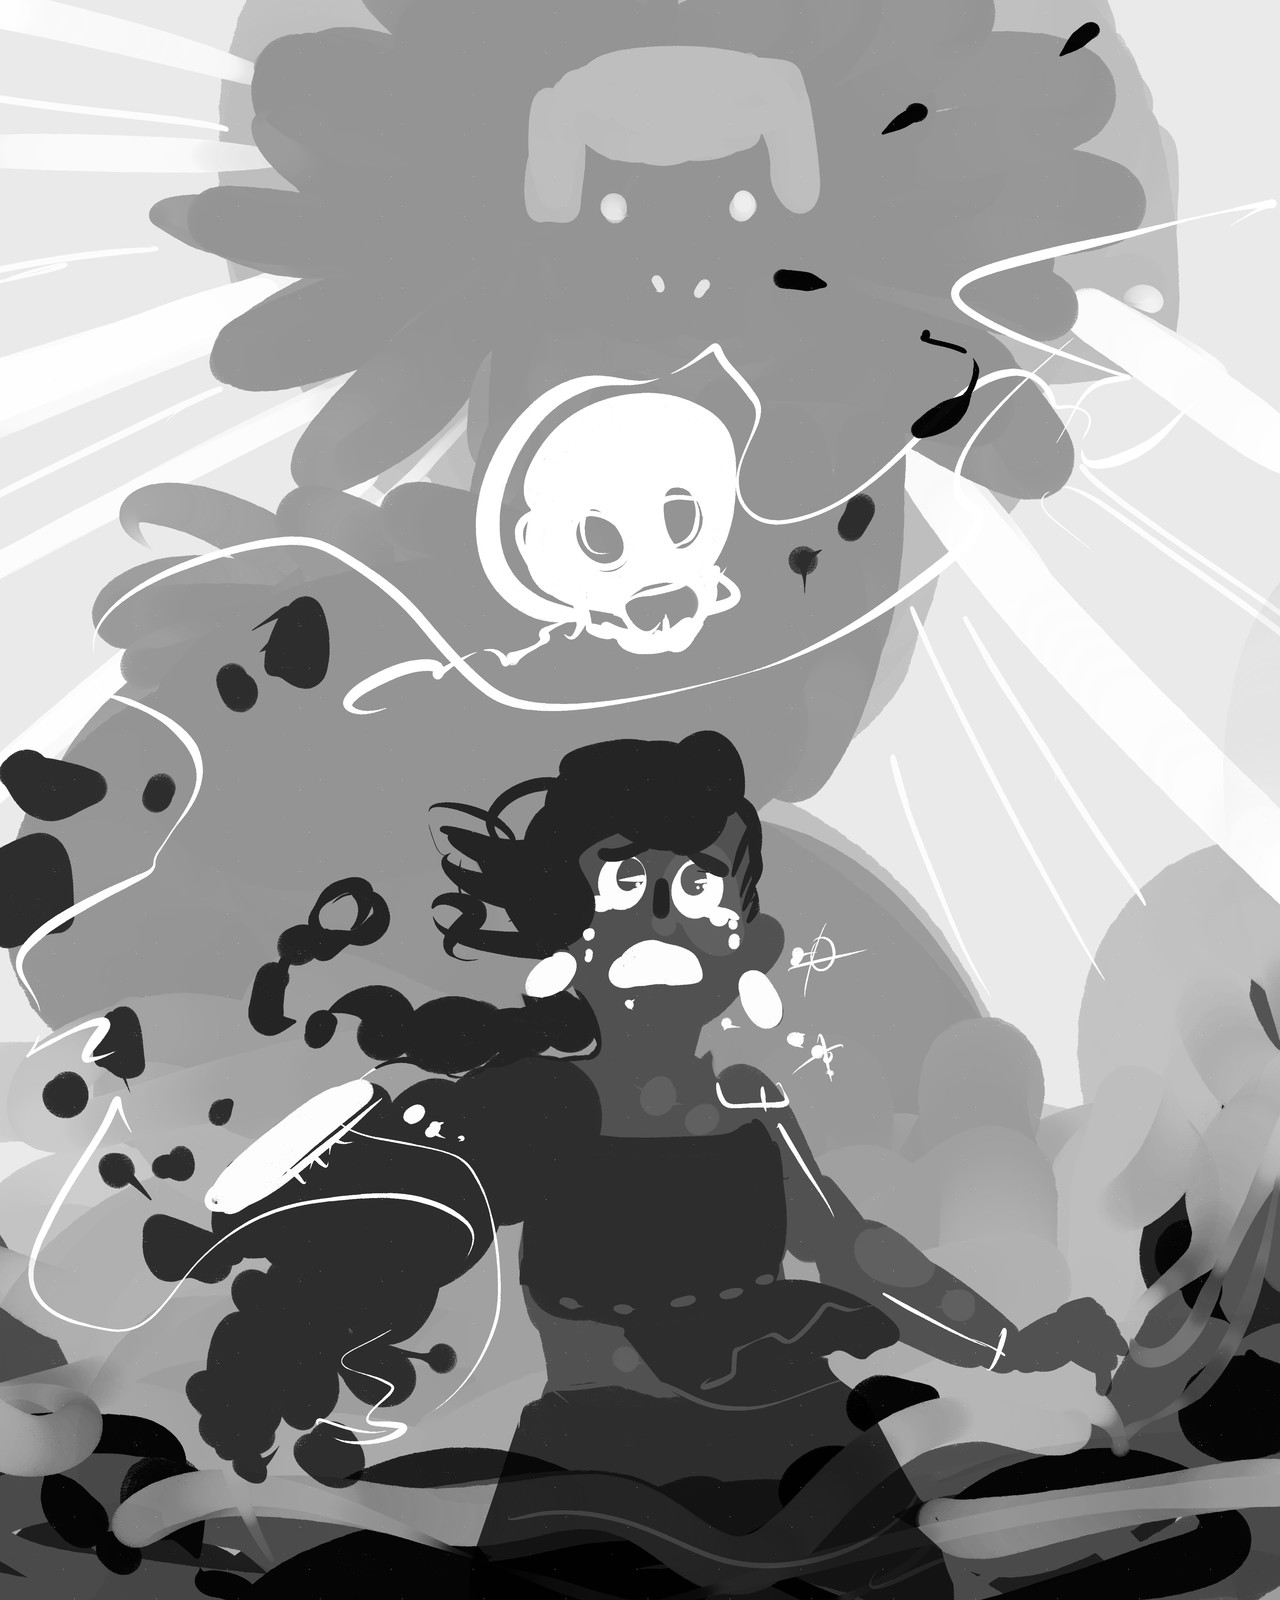 Bad Ending - Sketch